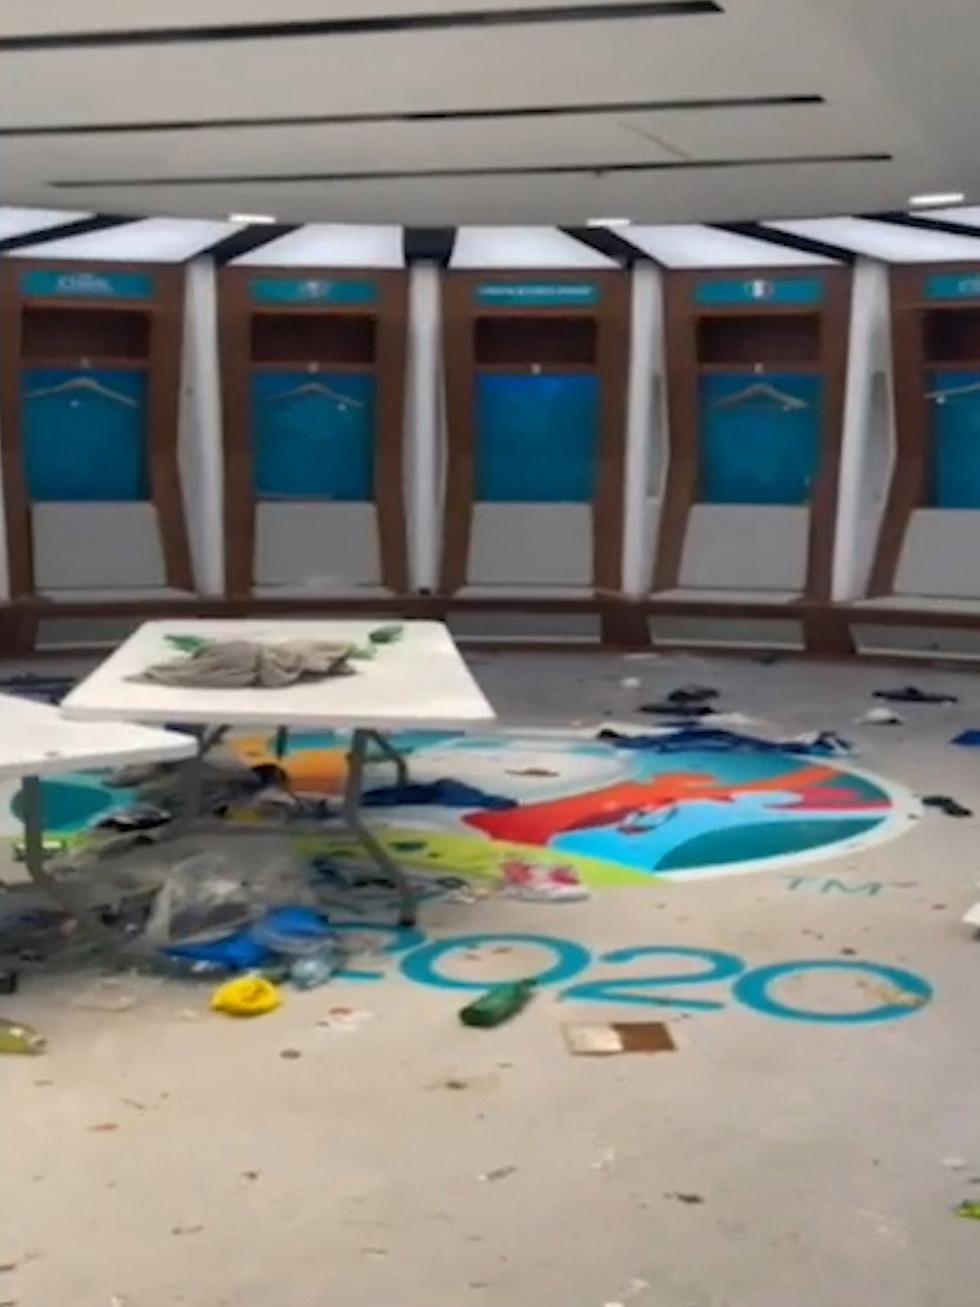 Phòng thay đồ của tuyển Ý sau trận chung kết với Anh đầy rác, quần áo và chai bia - Ảnh 6.